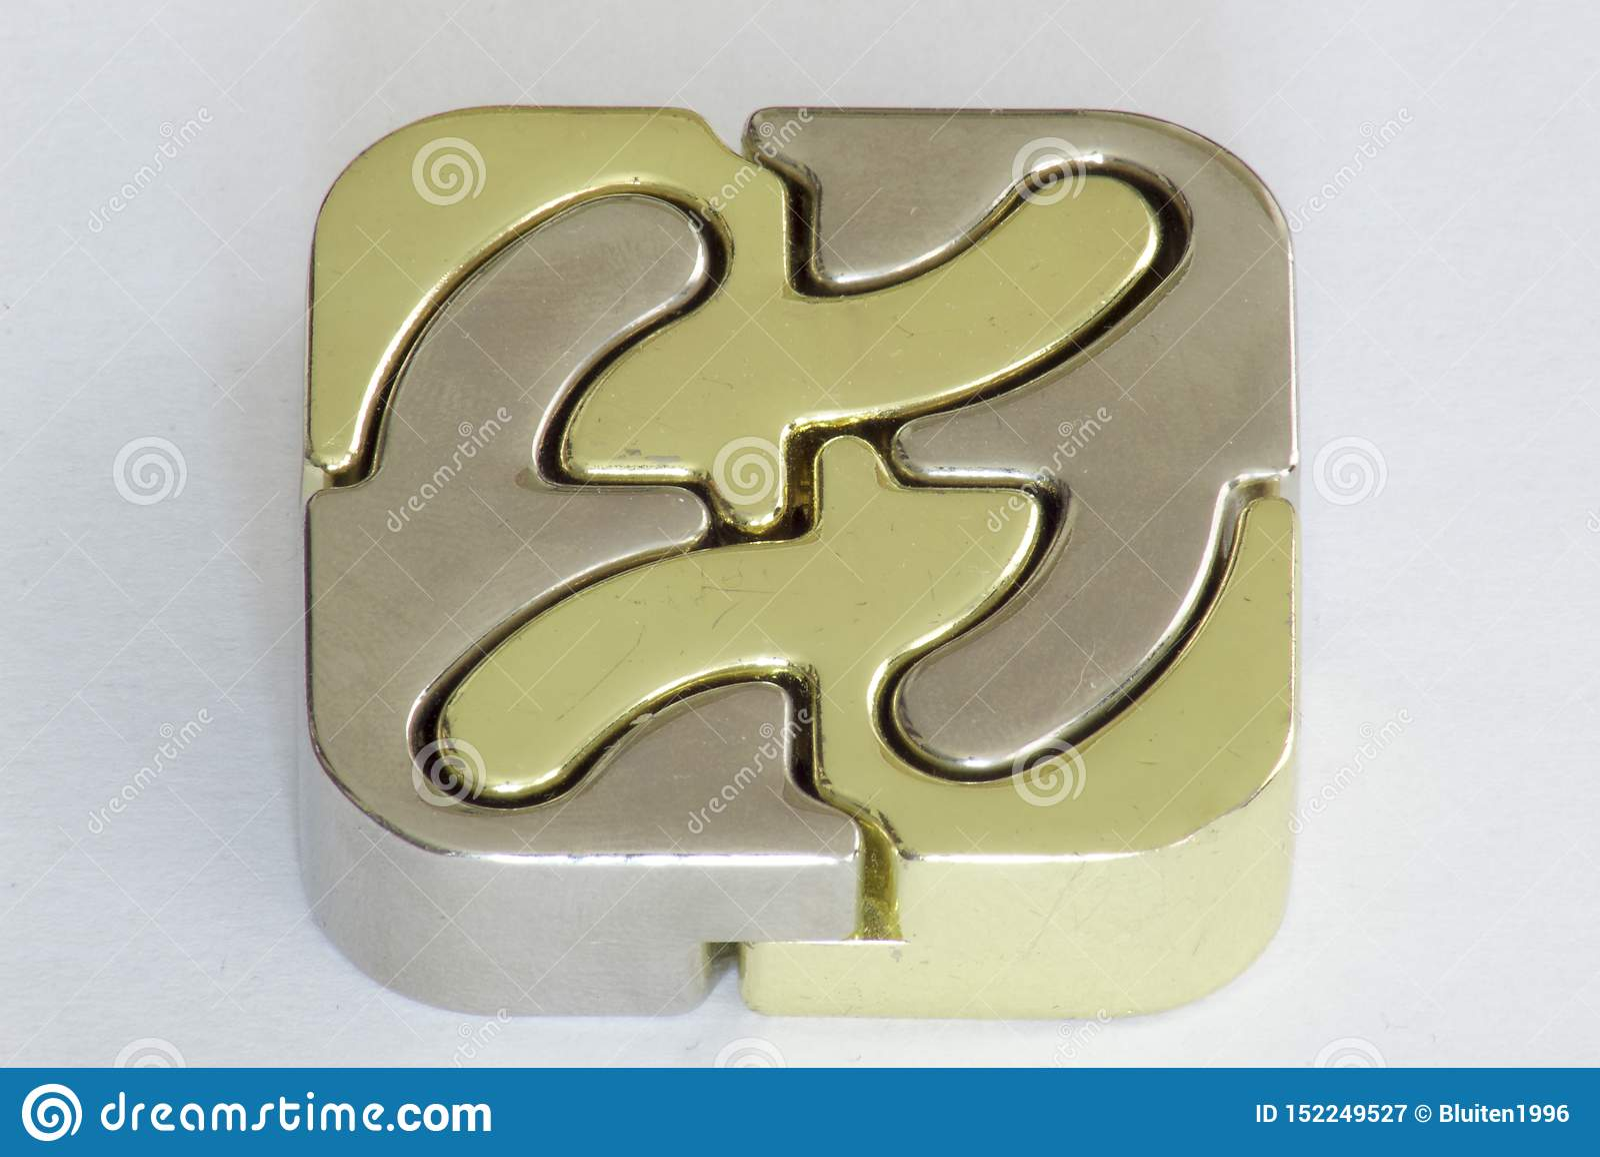 Lana żelazna łamigłówka 4 kawałków sześcianu złota nad srebro